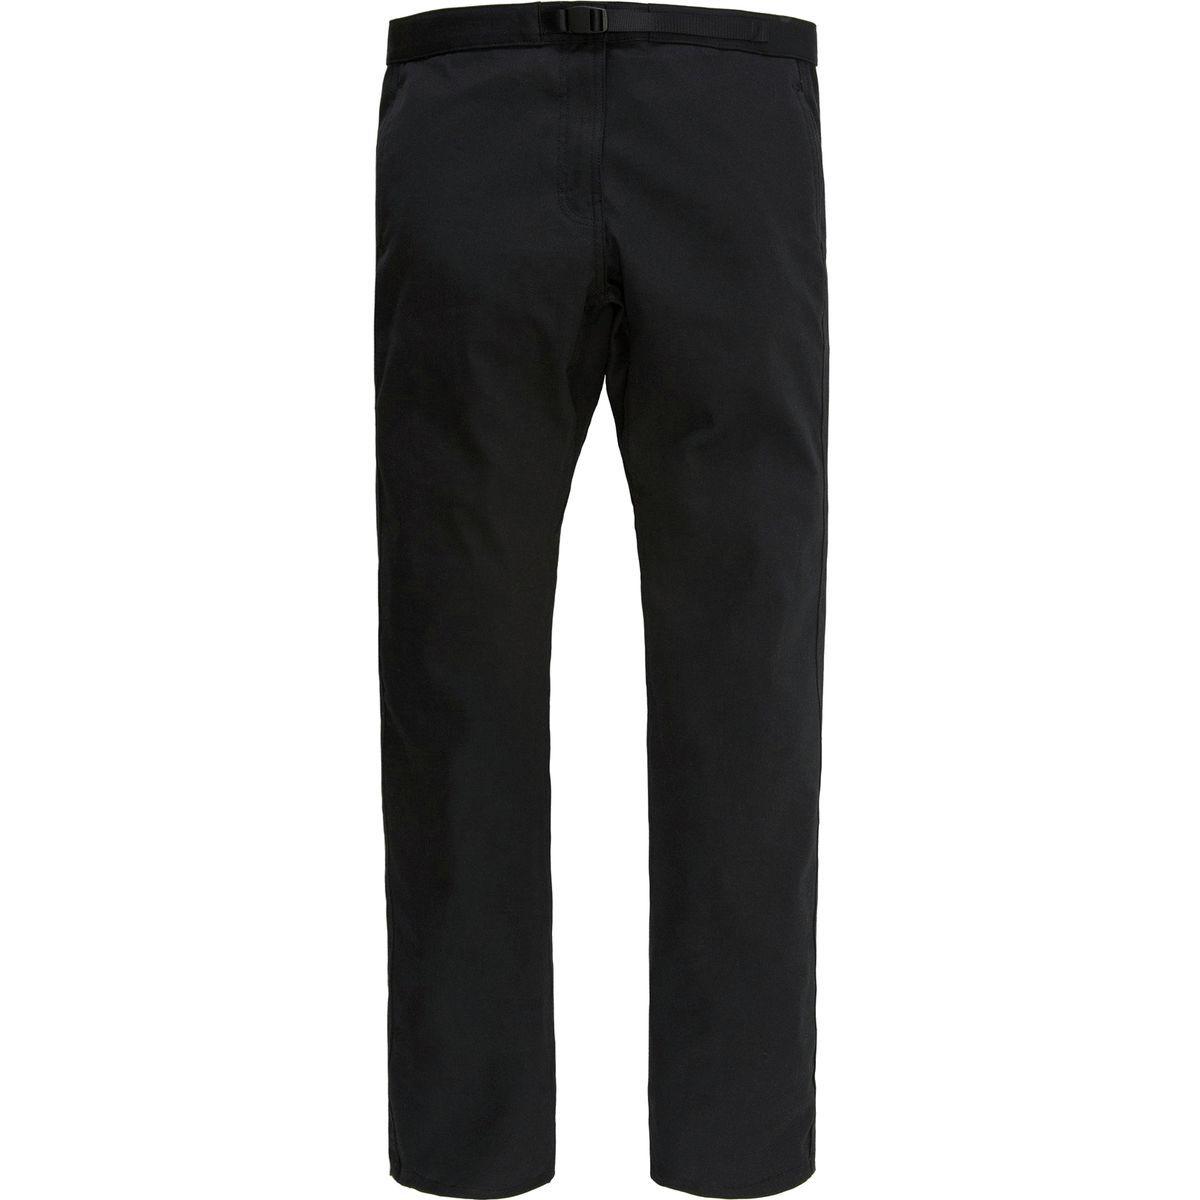 Topo Designs Climb Pant - Men's